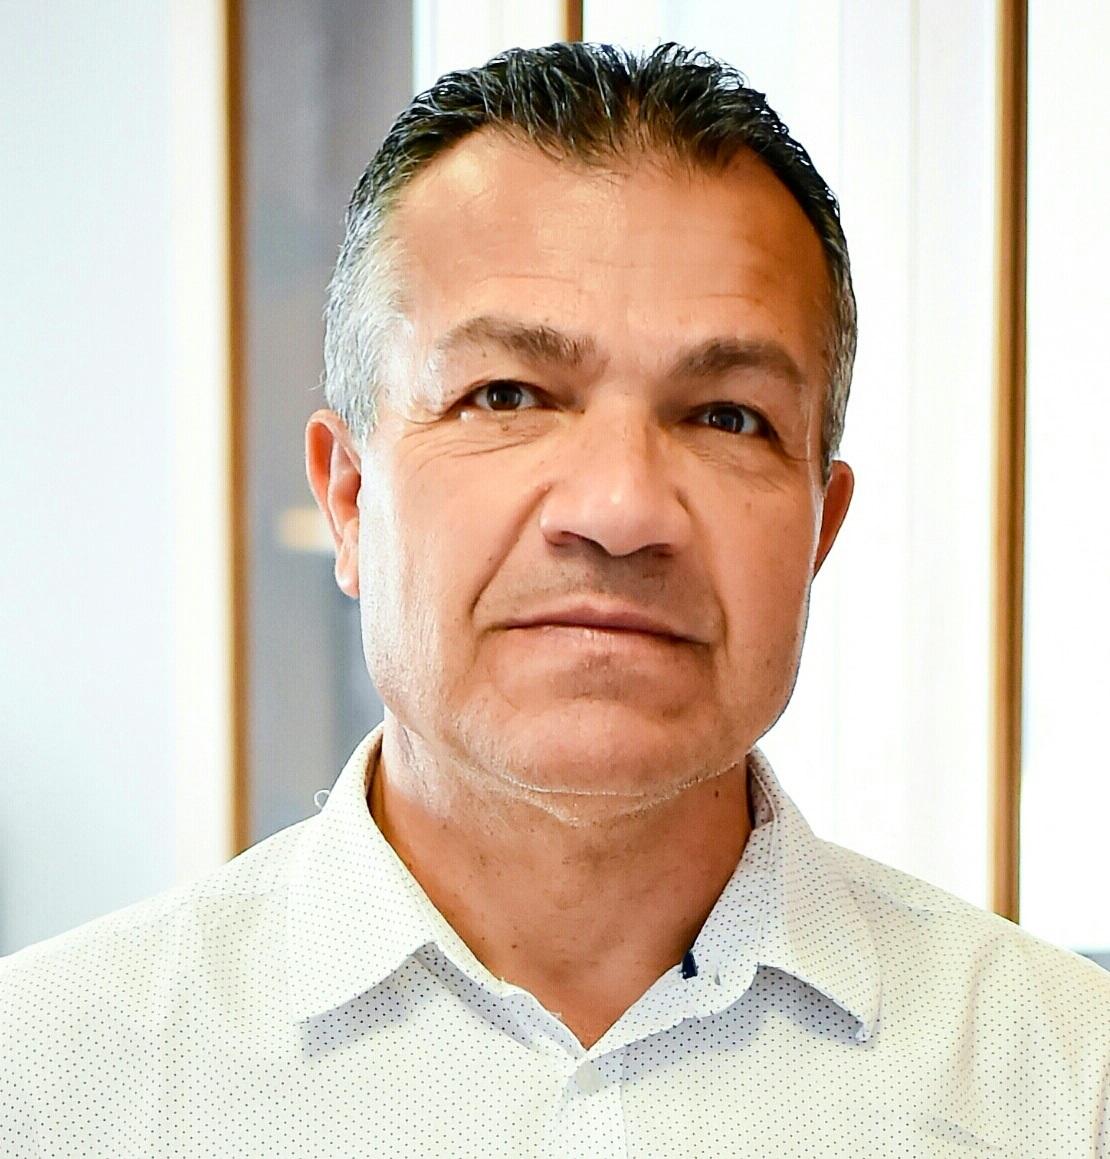 Ο Διευθυντής Δημοτικού Σχολείου στην Επ. Λάρνακας Α. Θεοδώρου τοποθετείται για το άνοιγμα των σχολείων